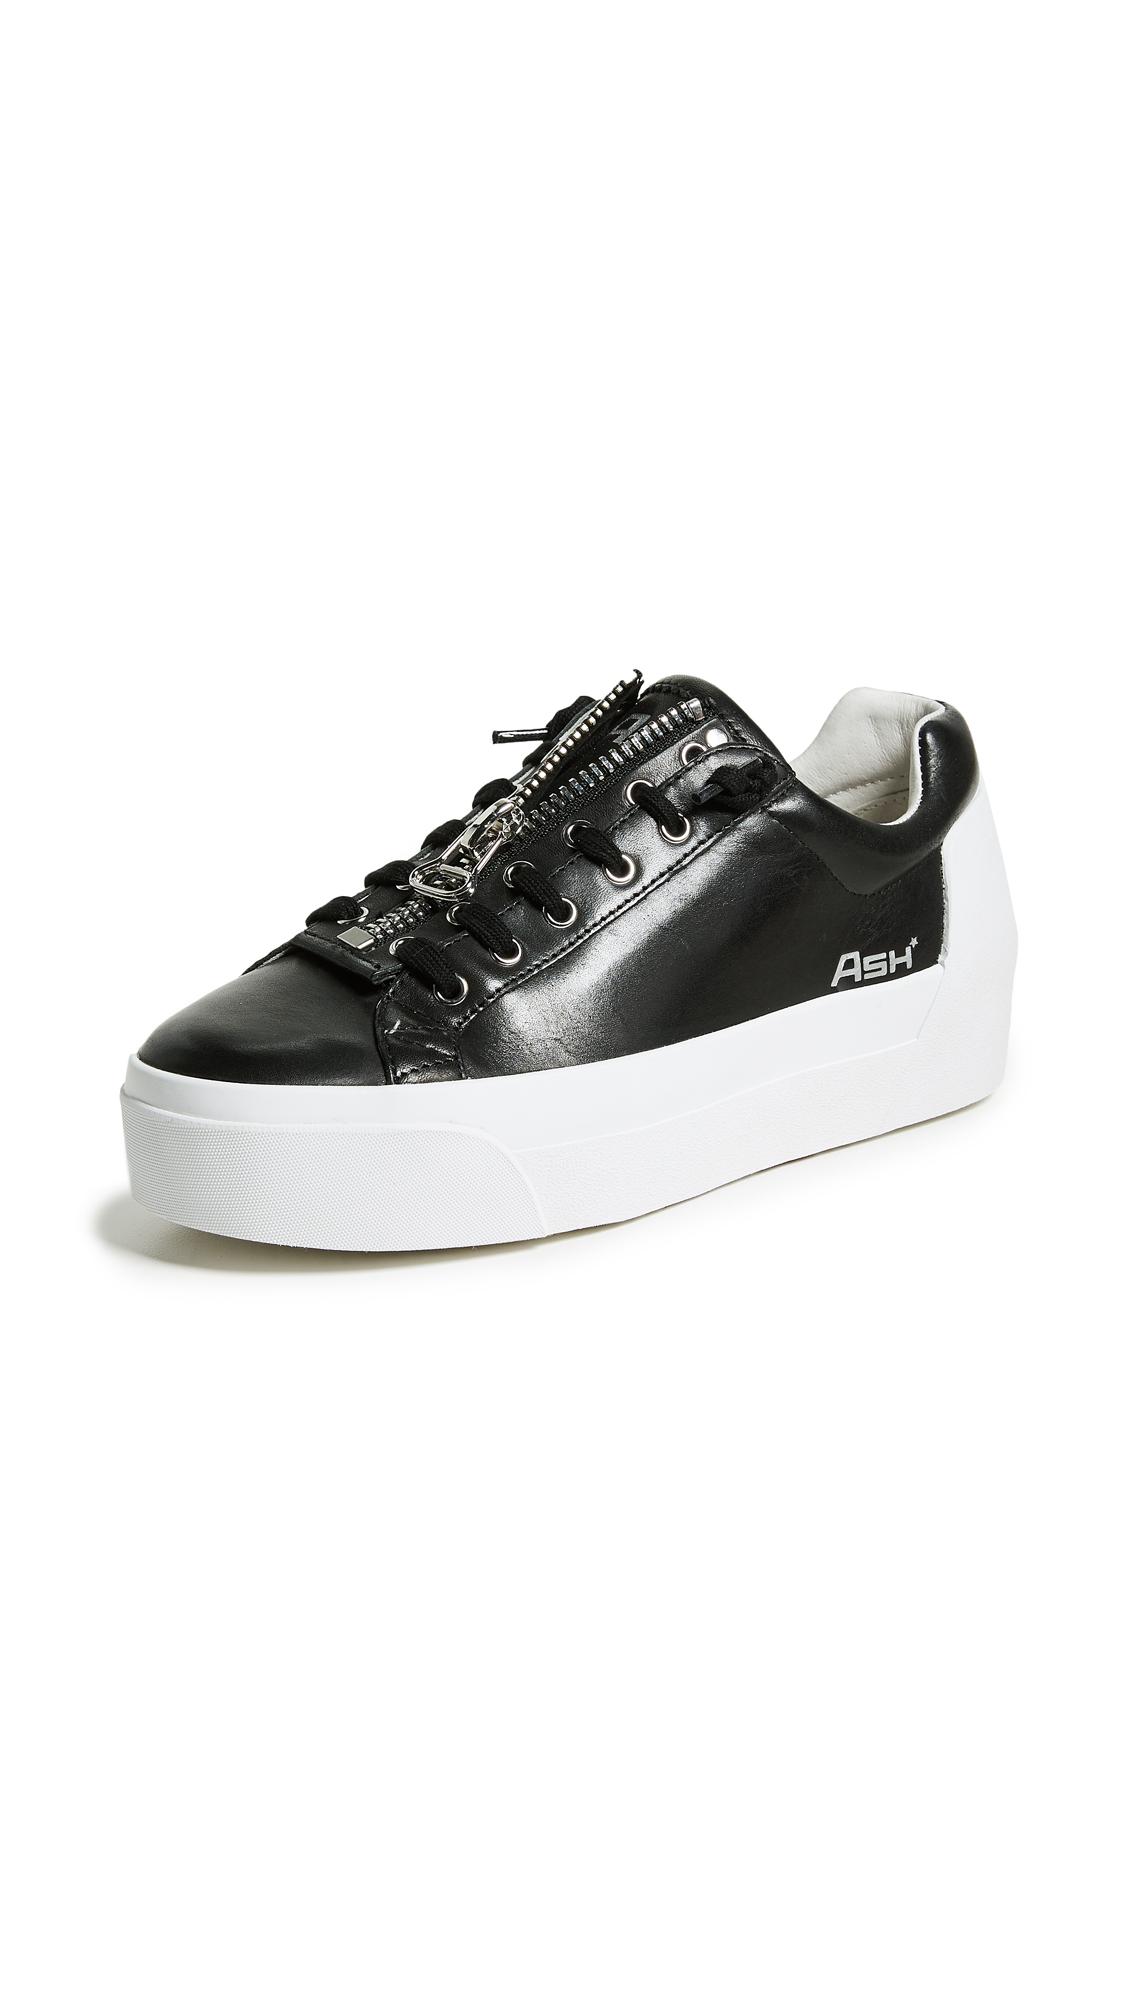 Ash Buzz Platform Sneakers - Black